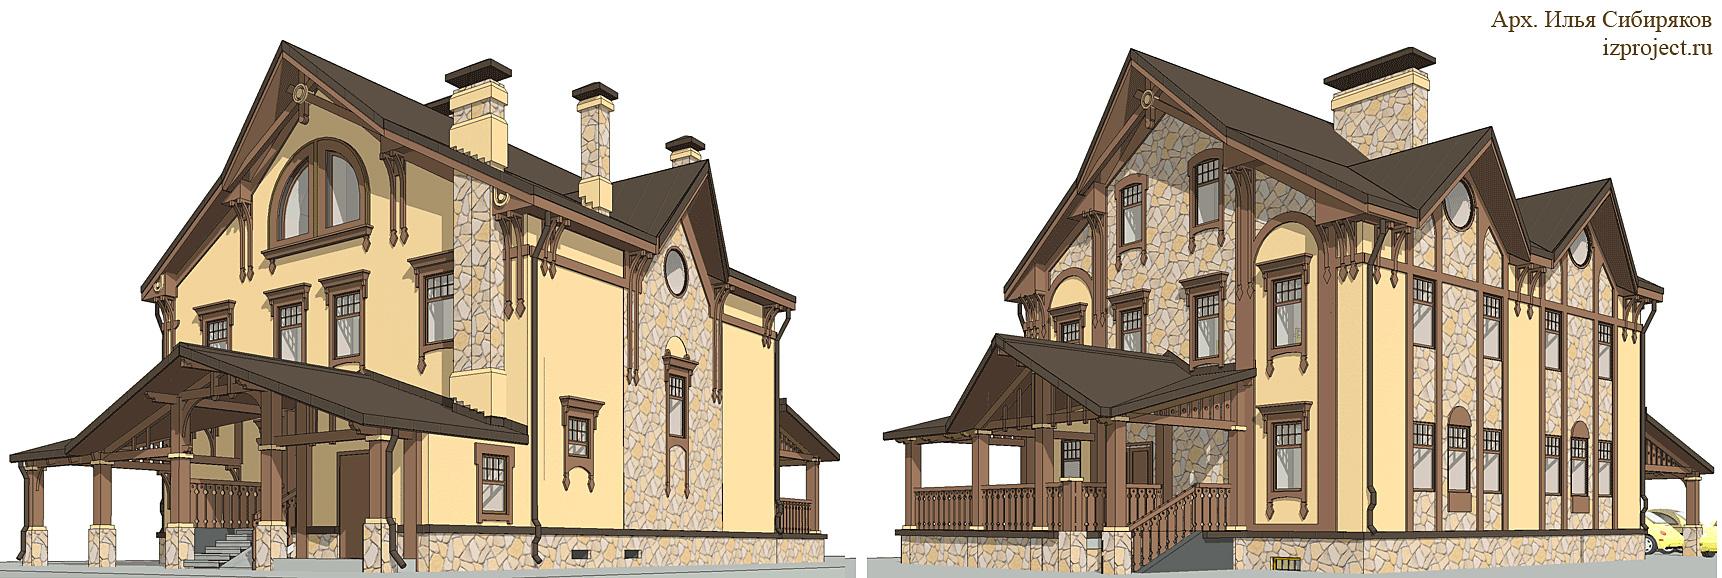 Зеленоград-фасады-5